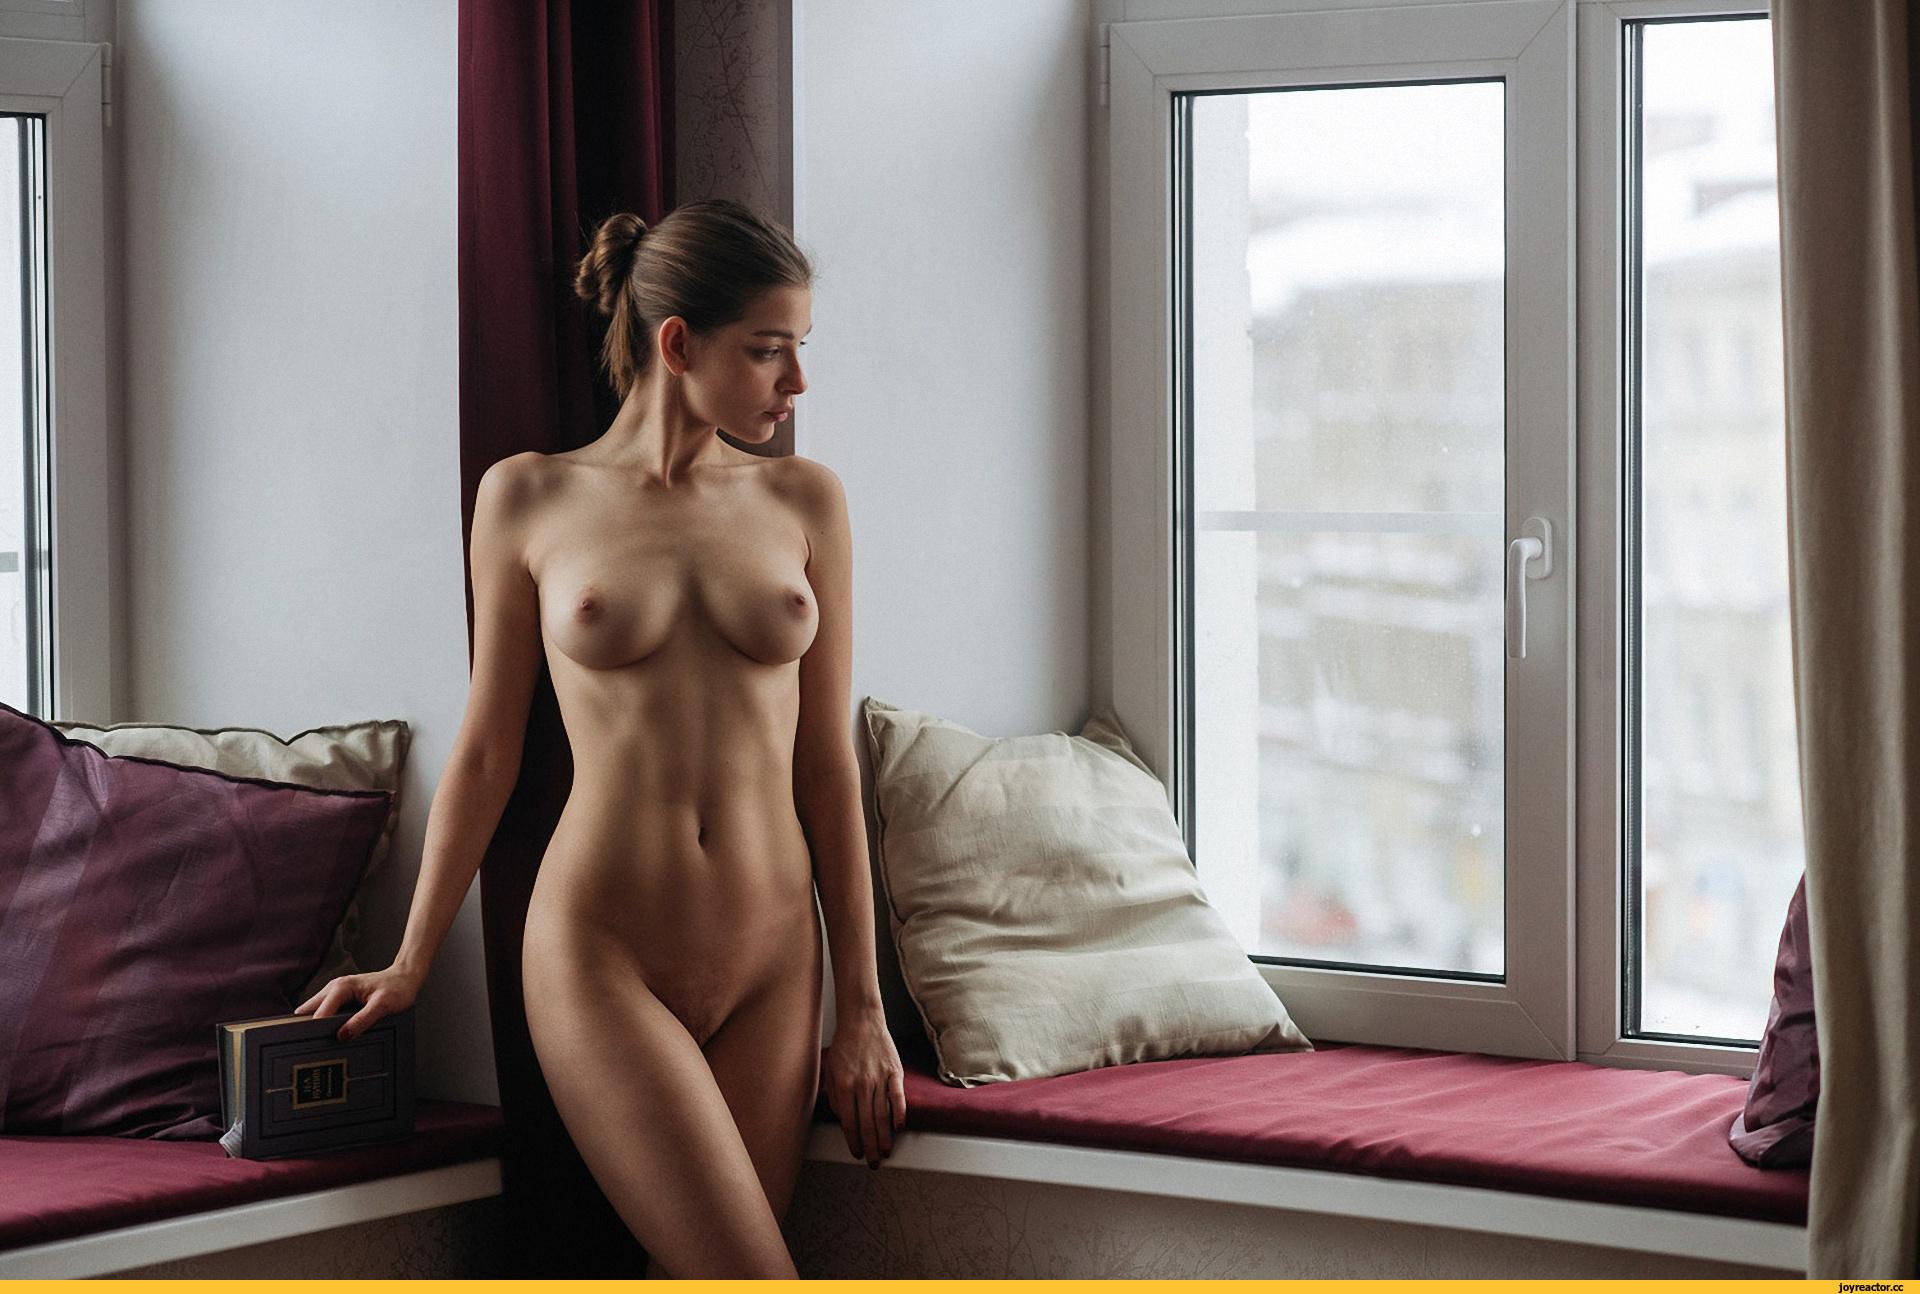 Девушки раздеваются  красивые раздетые девушки без одежды